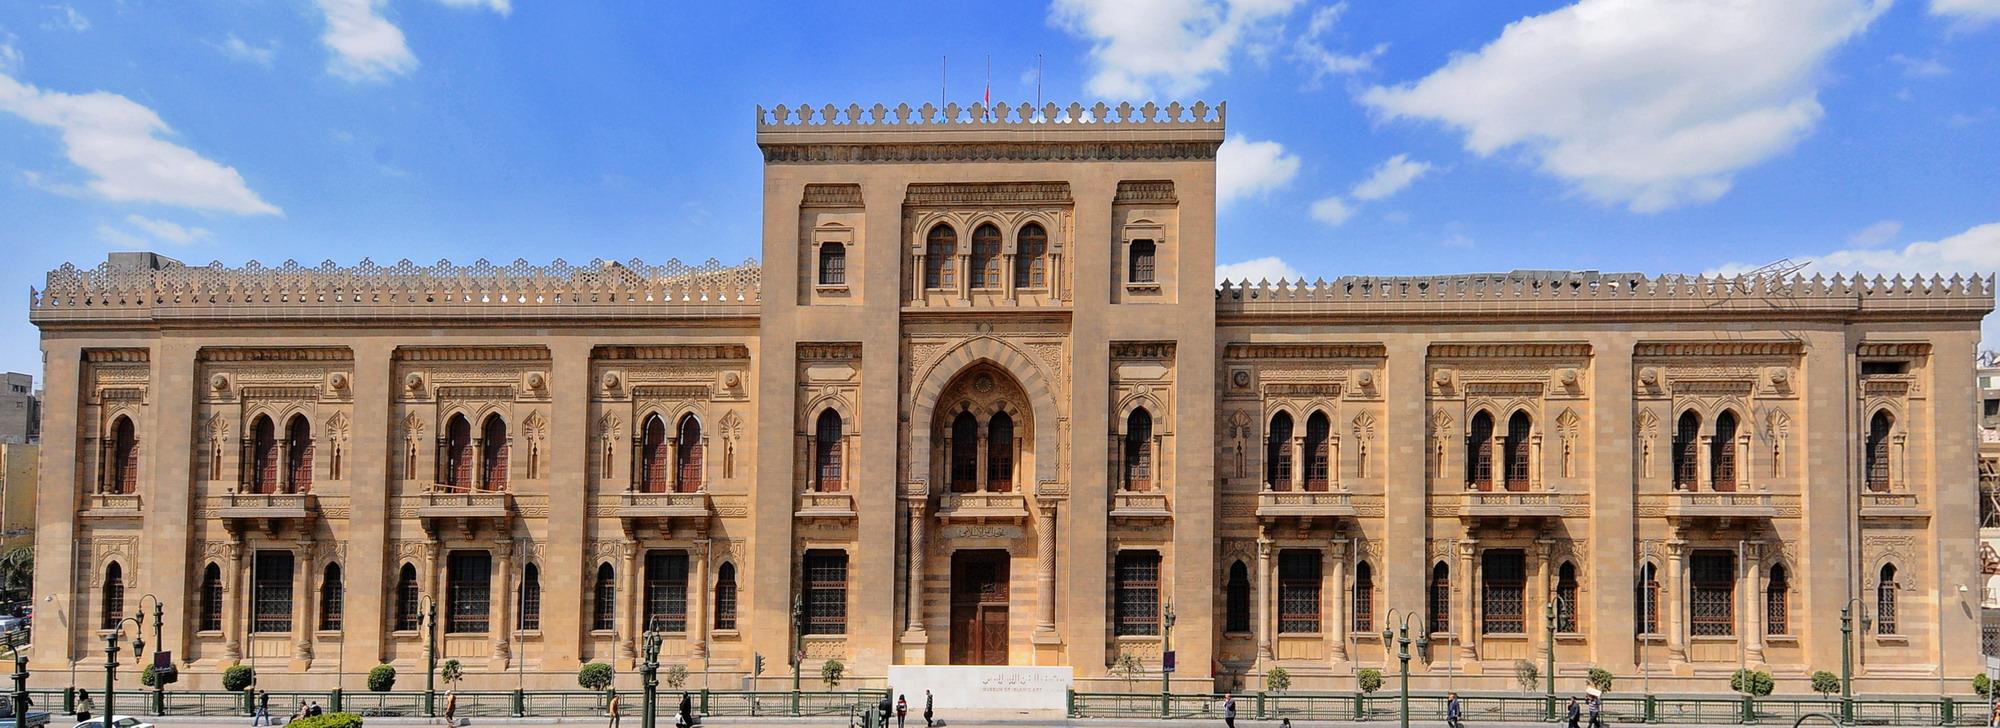 Visita il Museo Islamico del Cairo